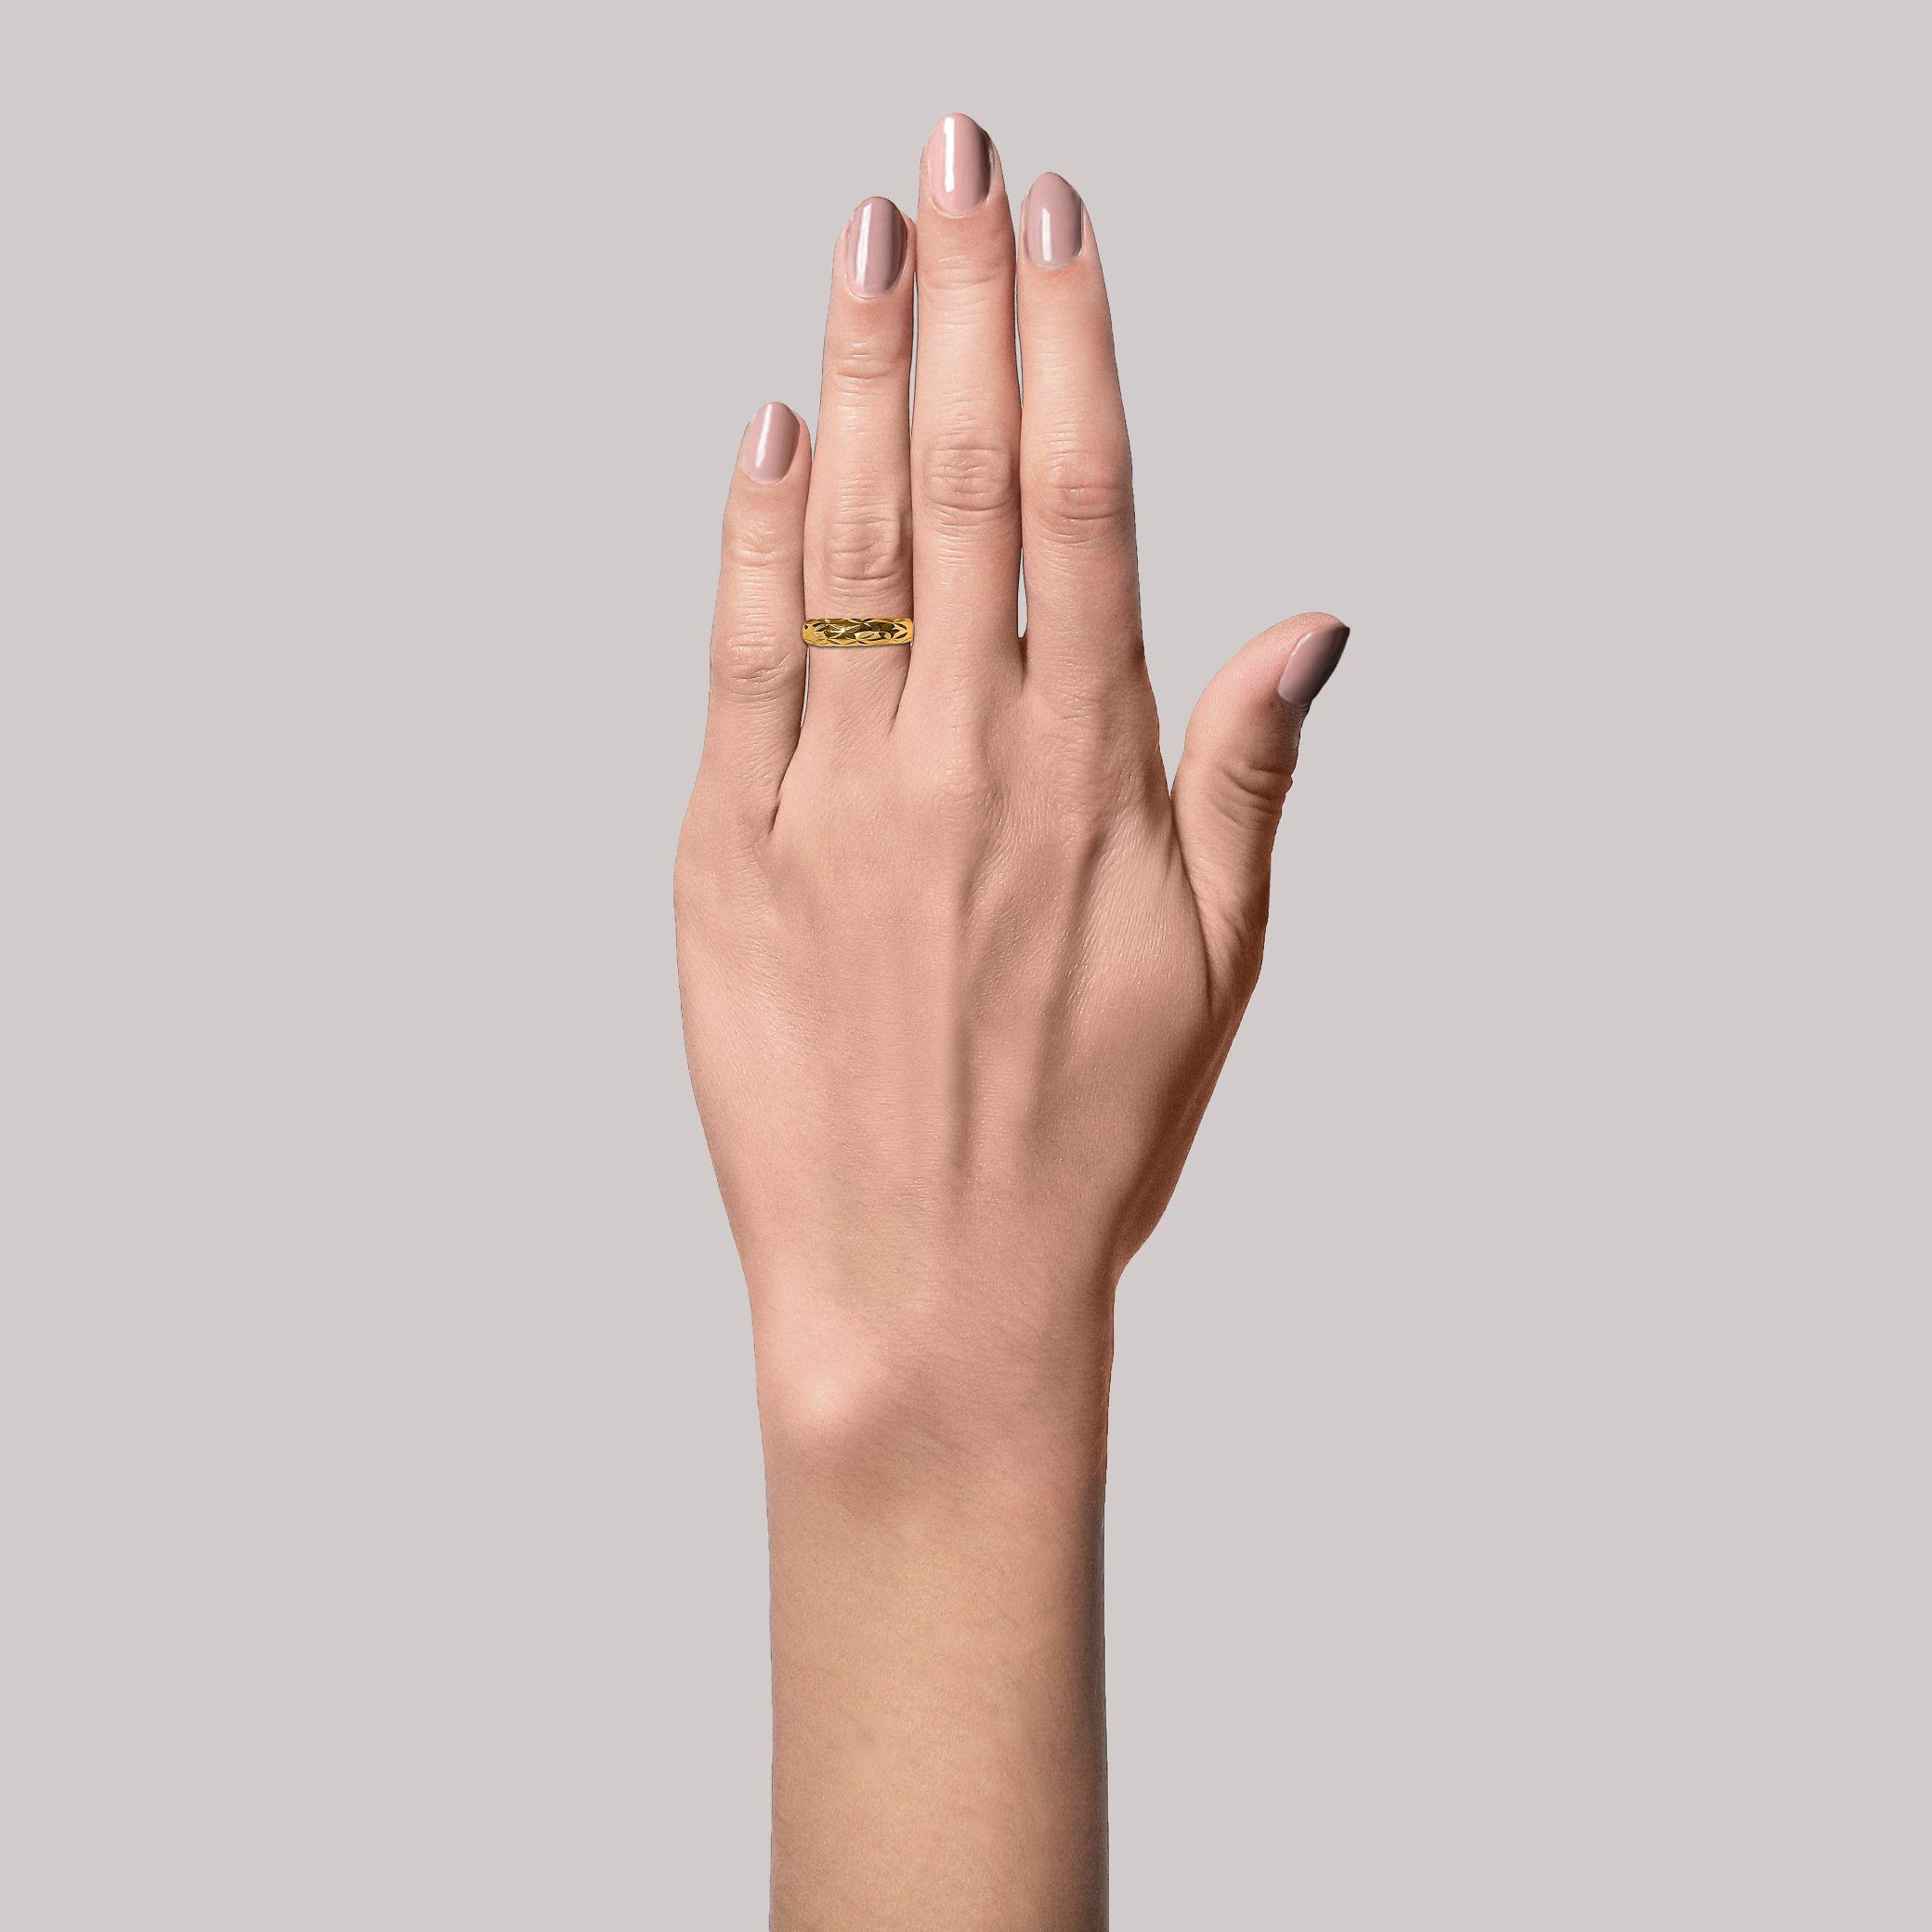 Jane Kønig Big Impression ring, guld, 54